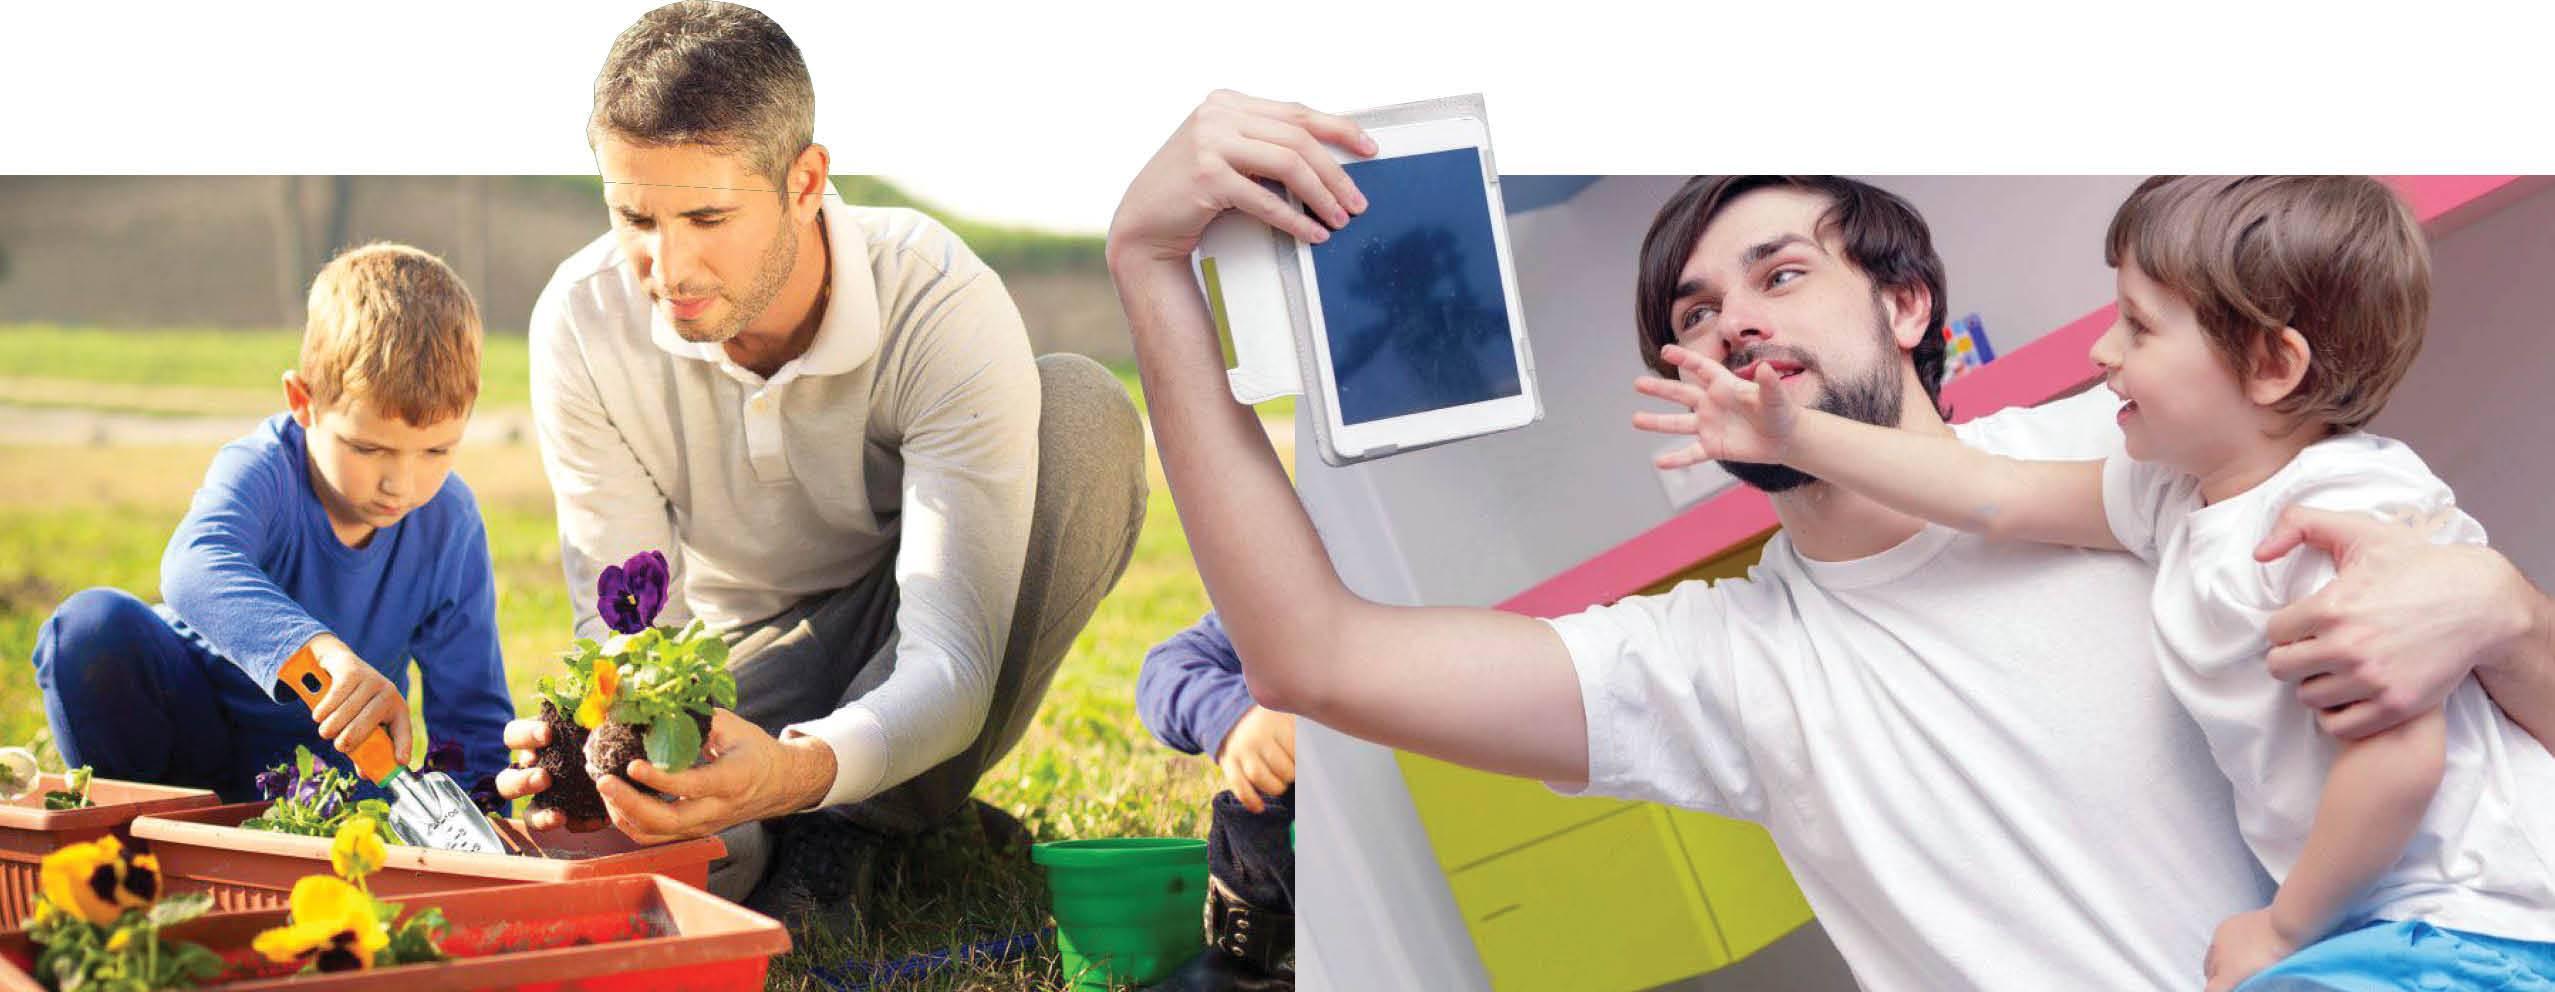 سرگرمی های کودکان,عوارض فناوری های دیجیتال برای کودکان,راهکارهای صحیح پرورش کودکان